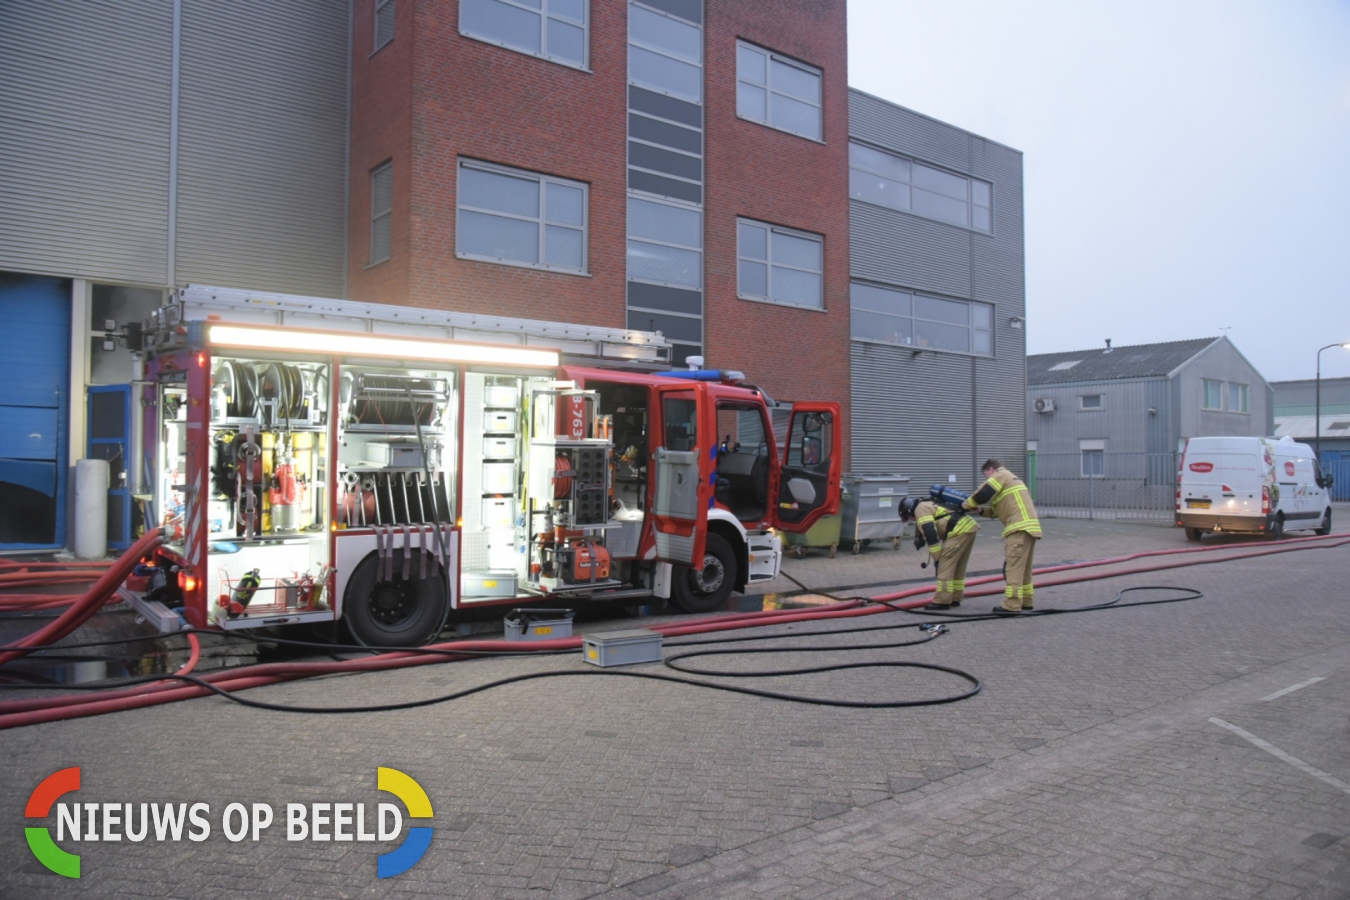 Grote brand in bedrijfsverzamelgebouw Houtschelf Hardinxveld-Giessendam